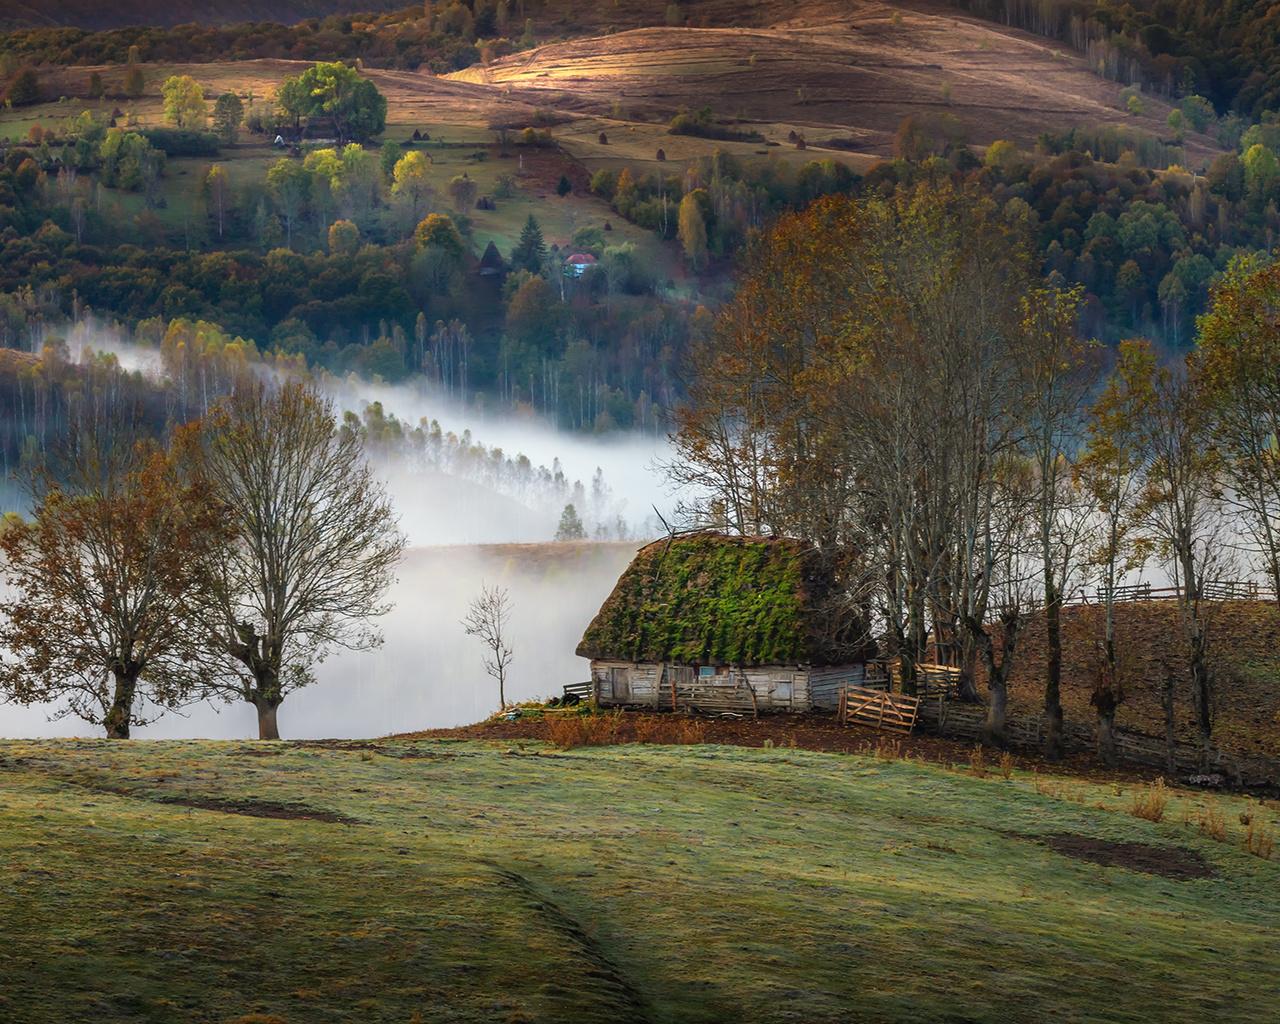 осень, деревья, пейзаж, природа, туман, холмы, дома, утро, деревня, луга, румыния, трансильвания